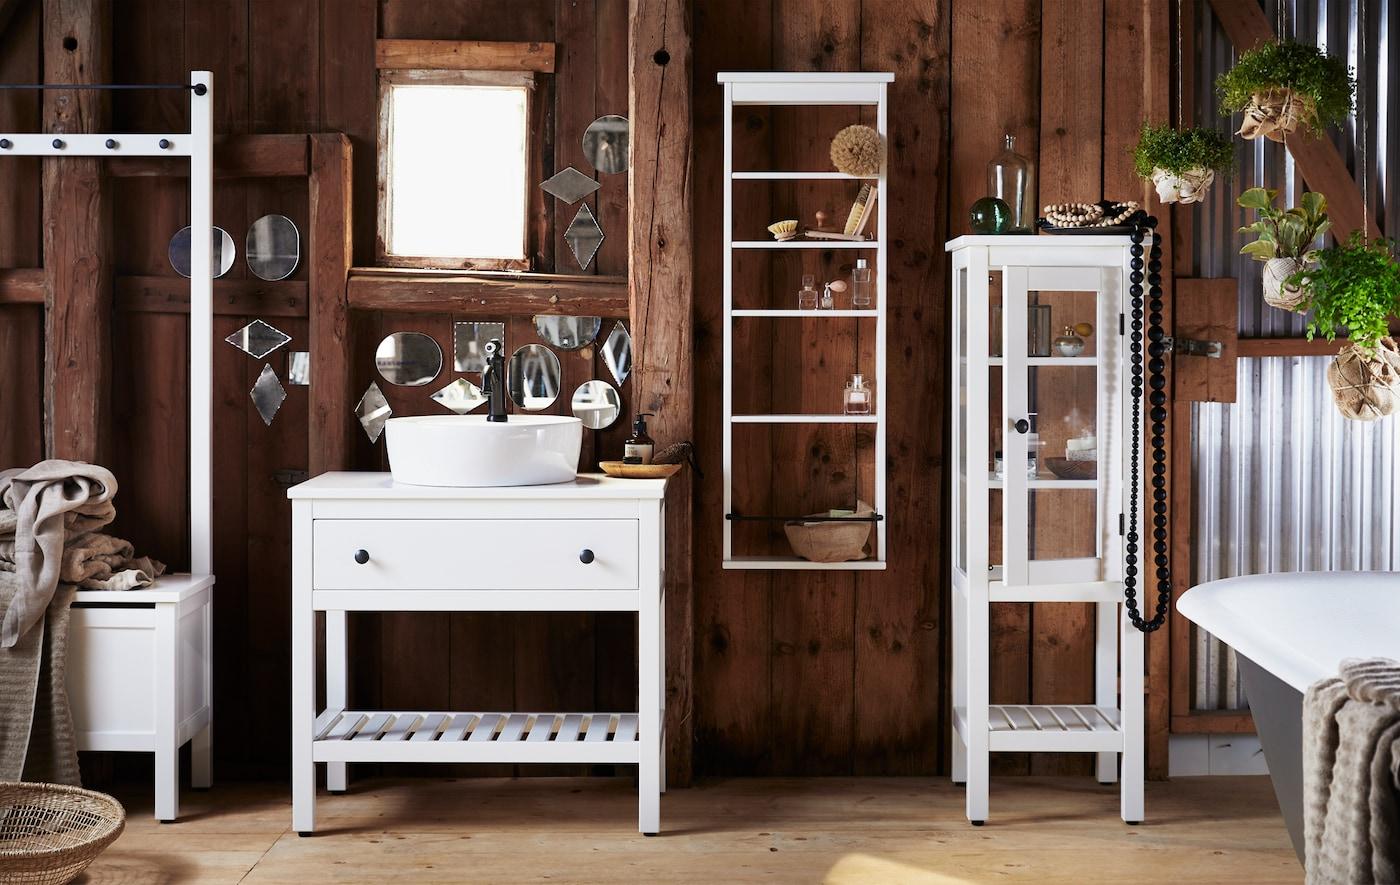 Bathroom Products Ikea